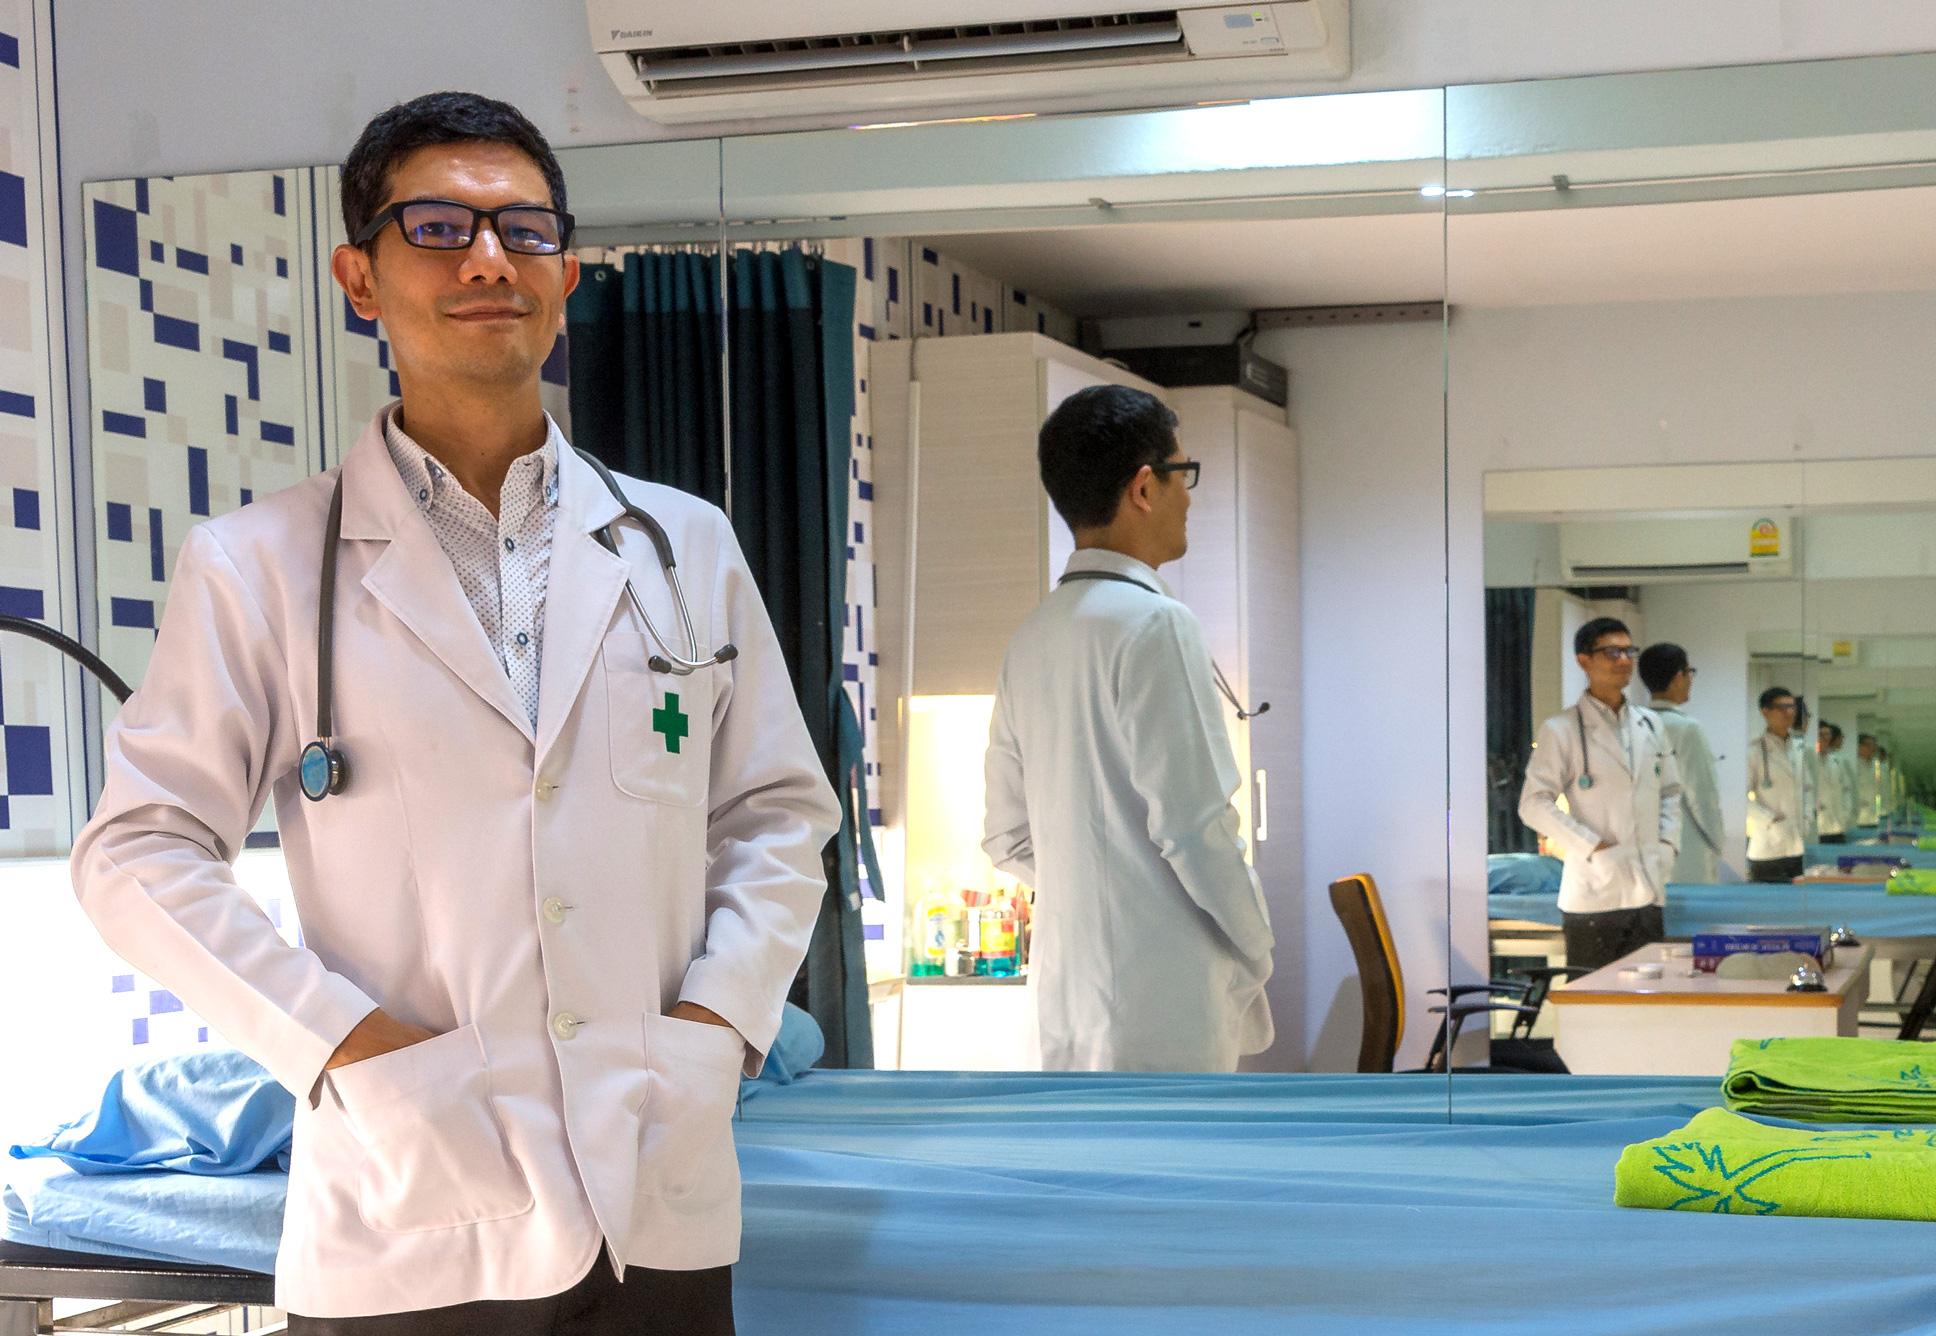 Deluxe-Clinic-หมอพีระพันธุ์